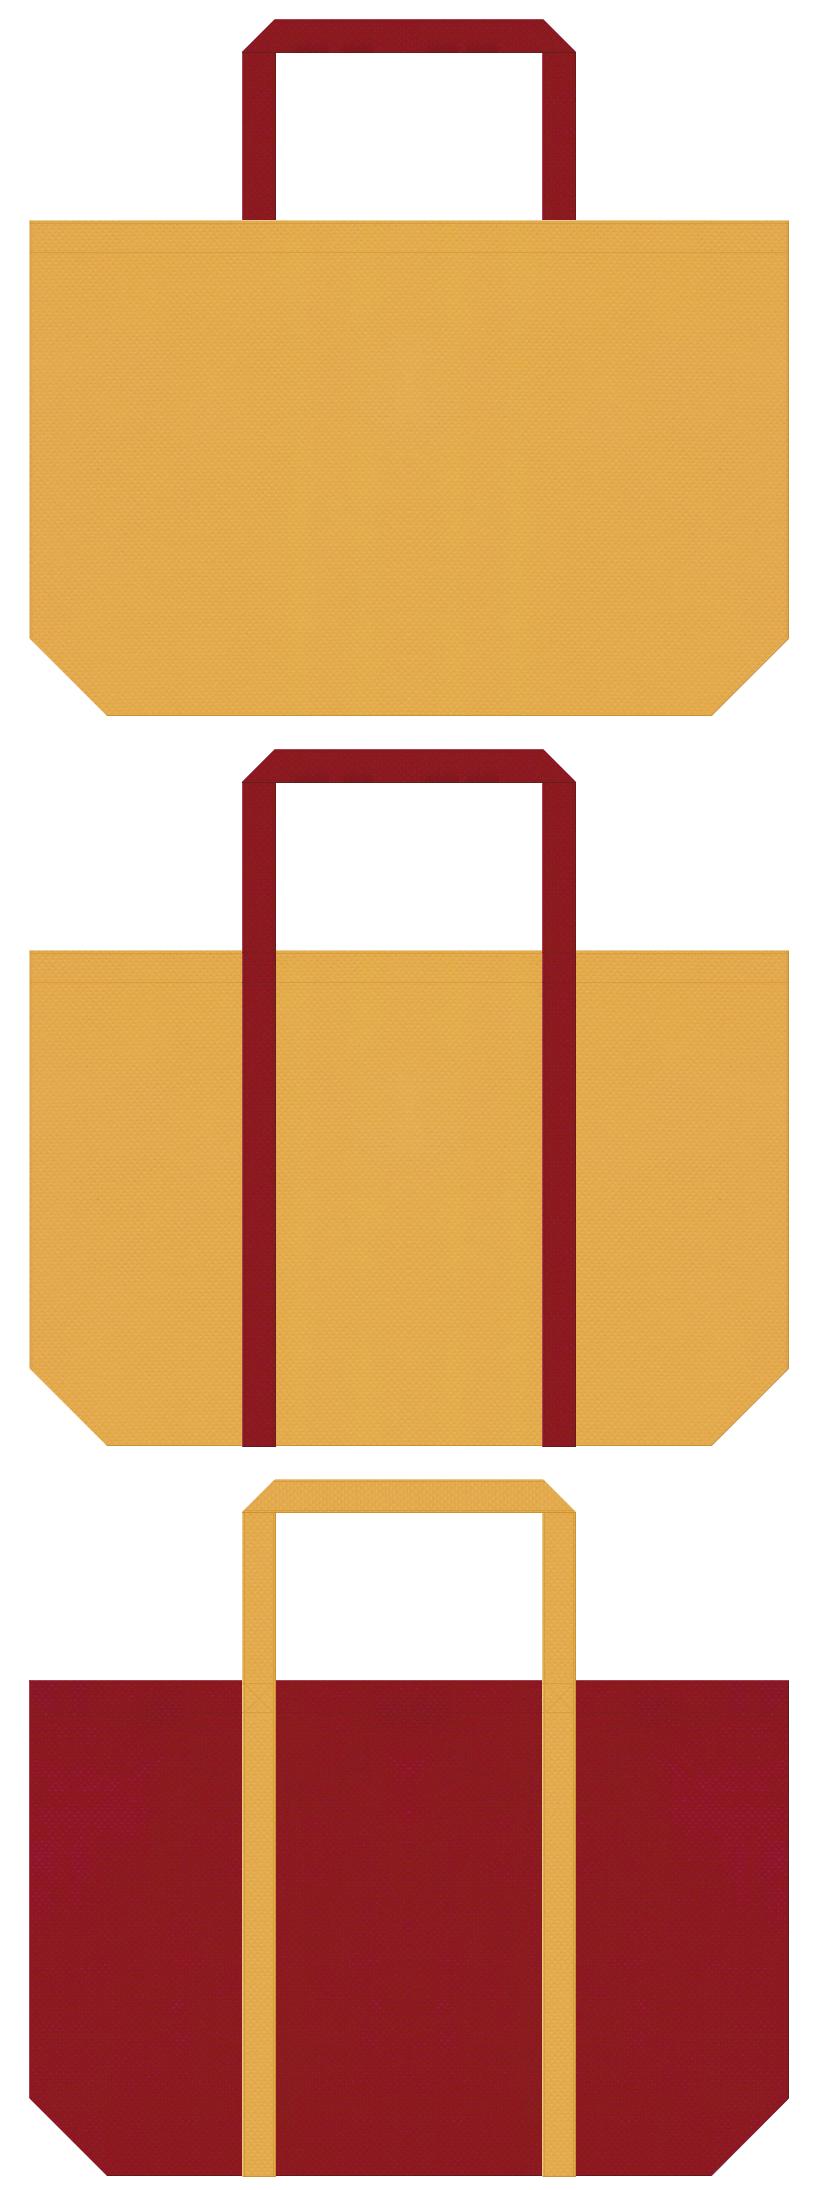 温泉・銭湯・硫黄泉・旅館・演芸場・観光土産・海老フライ・味醂・醤油・だし・あられ・せんべい・和菓子のショッピングバッグにお奨めの不織布バッグデザイン:黄土色とエンジ色のコーデ